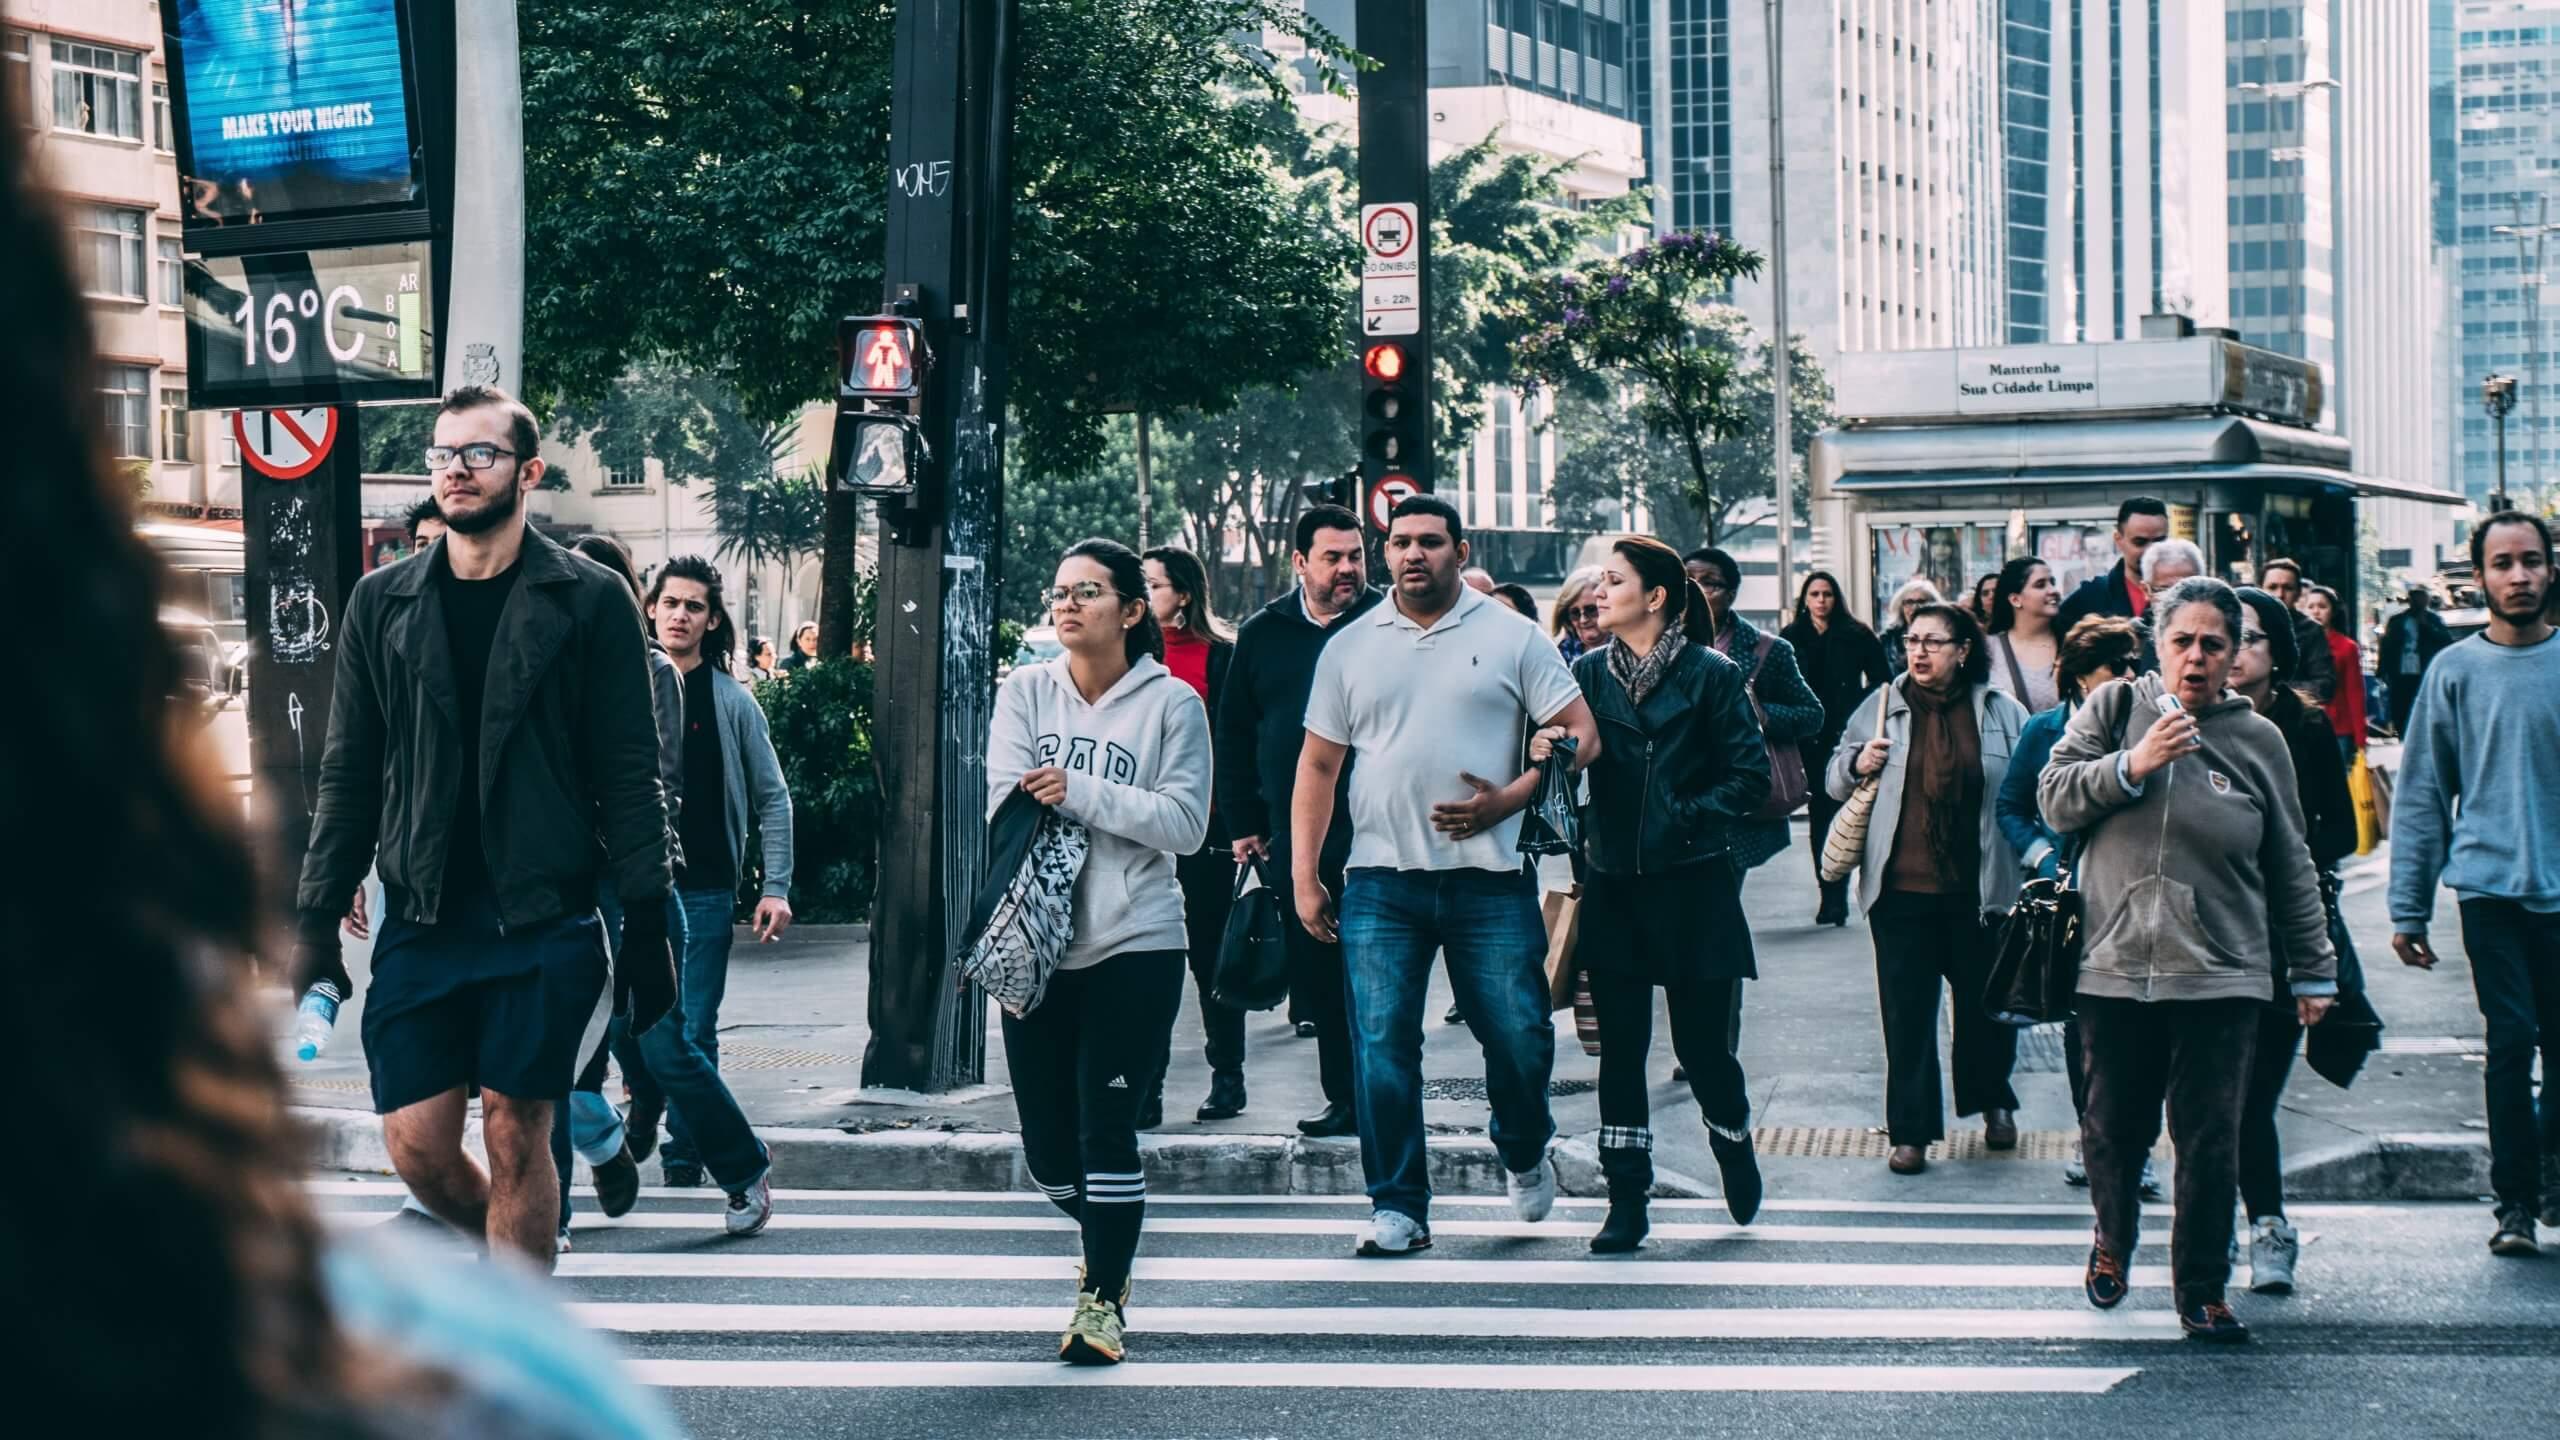 Pedestrians using a crosswalk